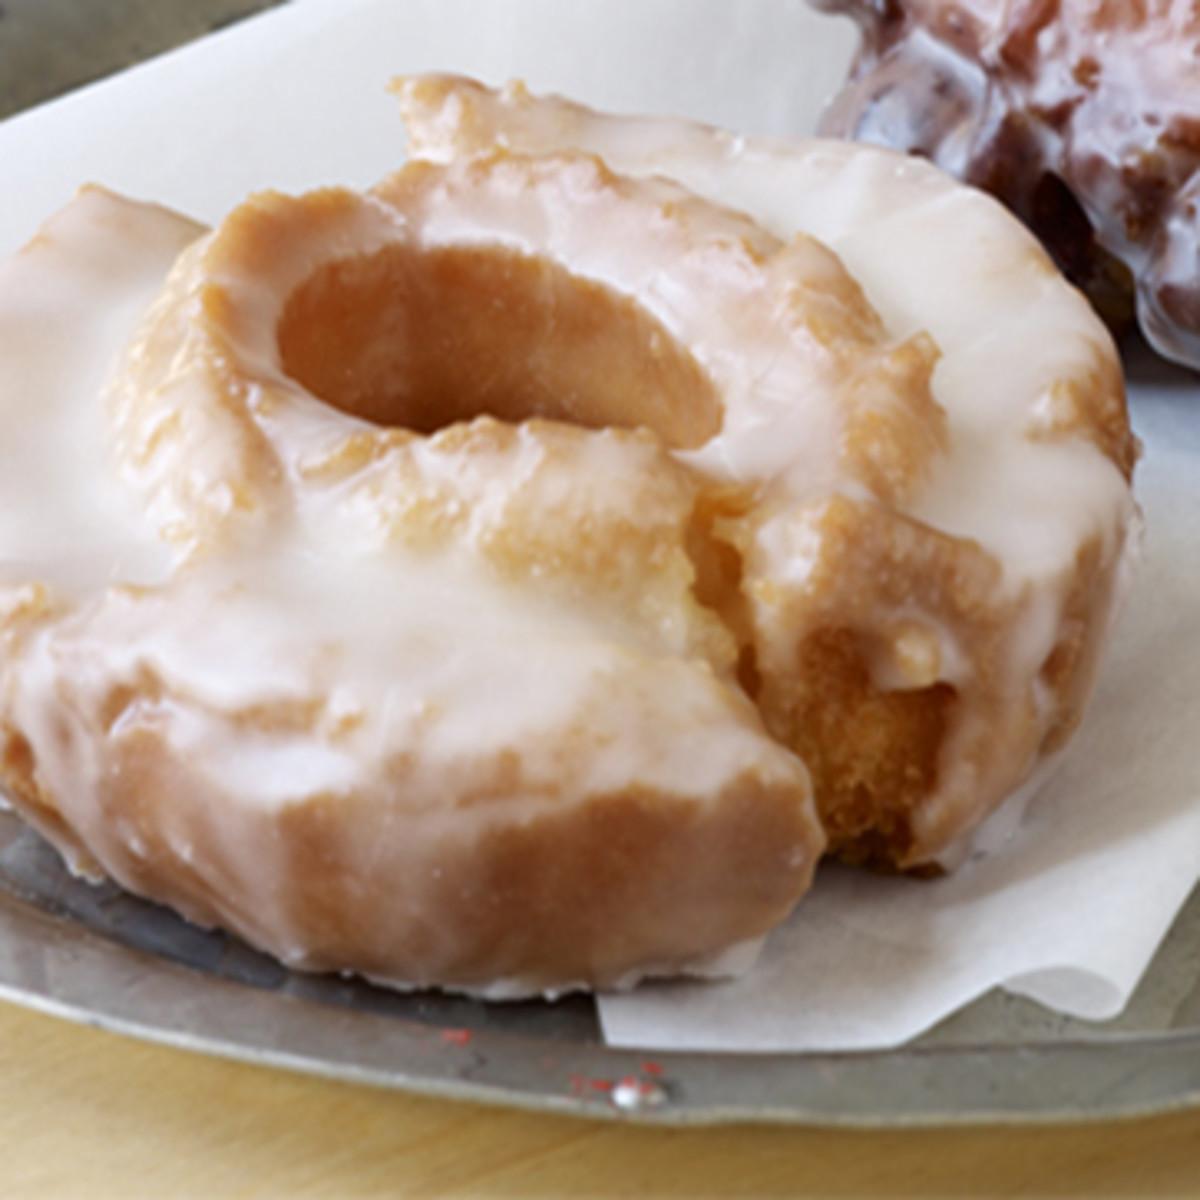 Top Pot doughnuts